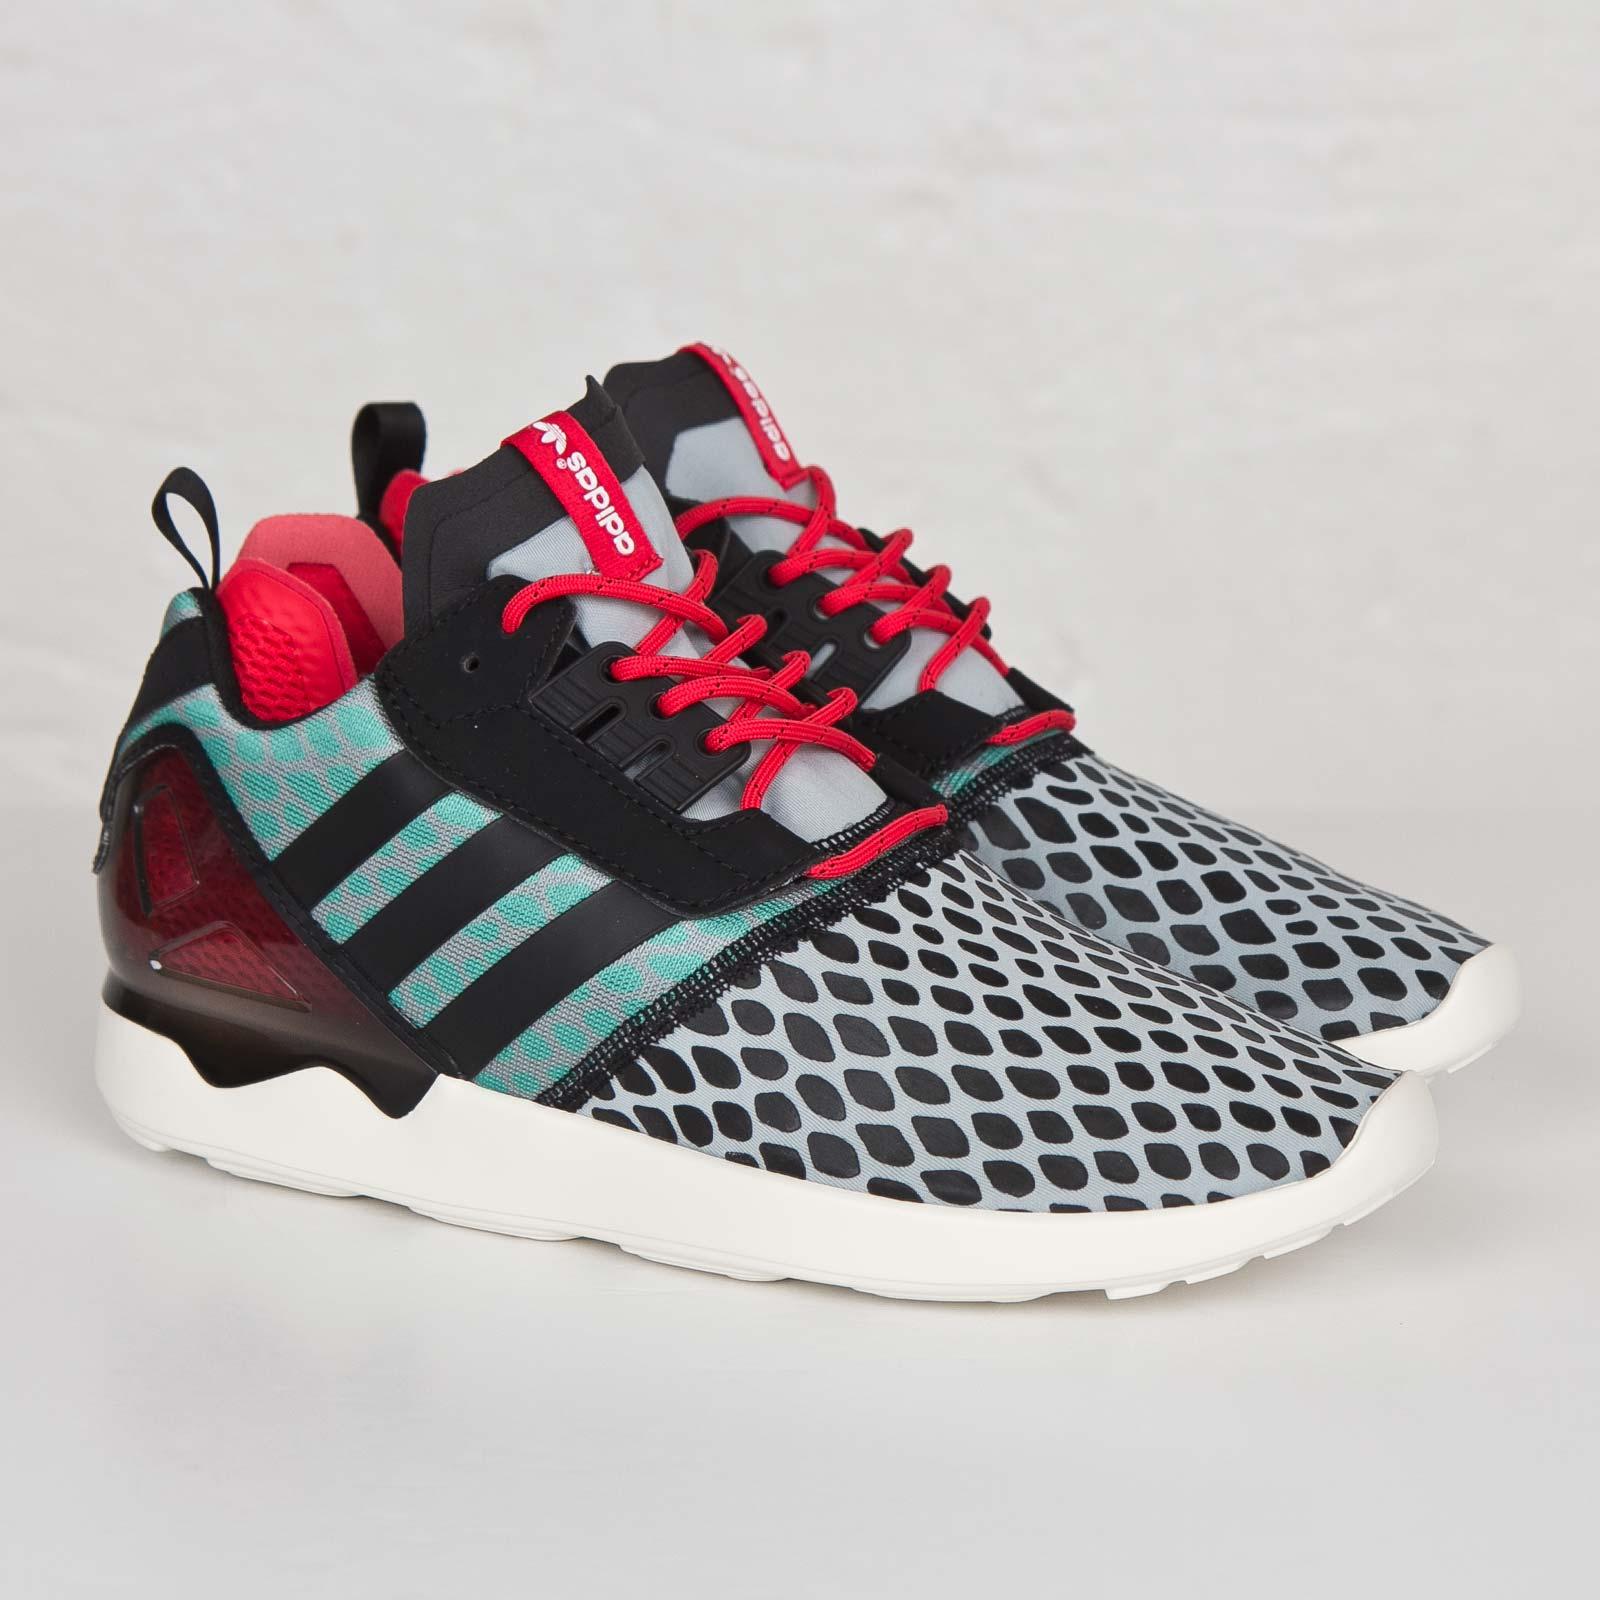 731d8a73e adidas ZX 8000 Boost - B24953 - Sneakersnstuff